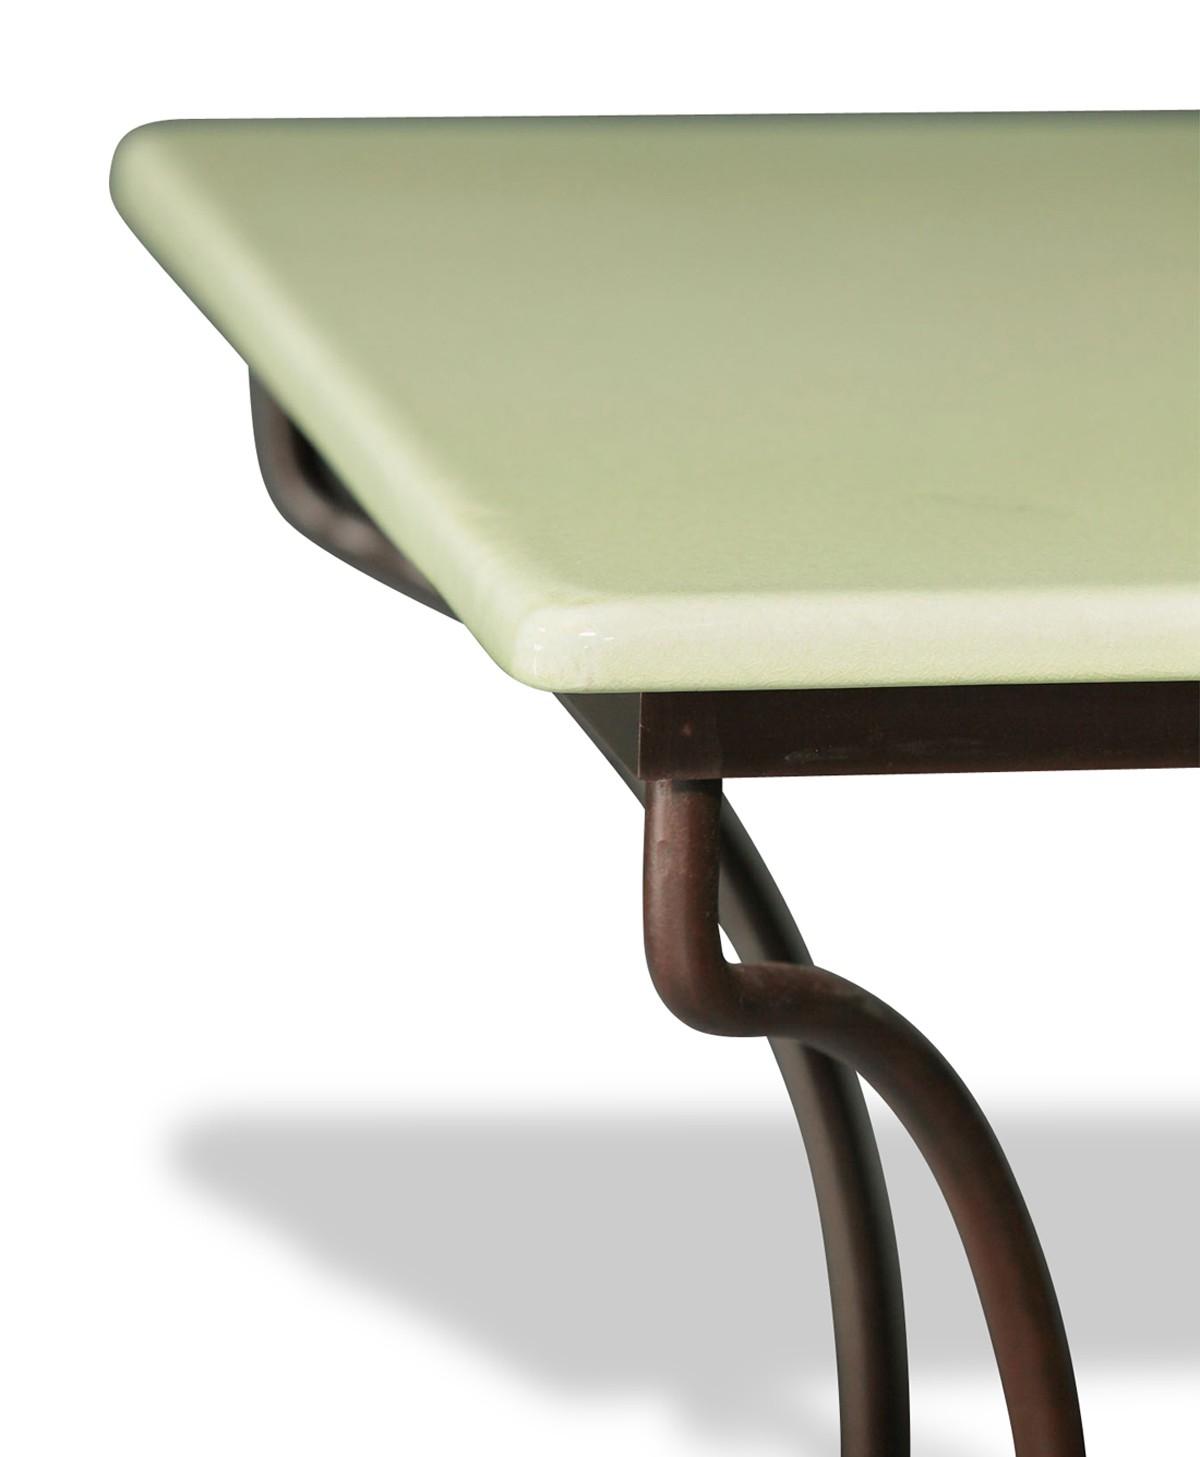 table en pierre de lave maill e pied directoire 5 coloris. Black Bedroom Furniture Sets. Home Design Ideas